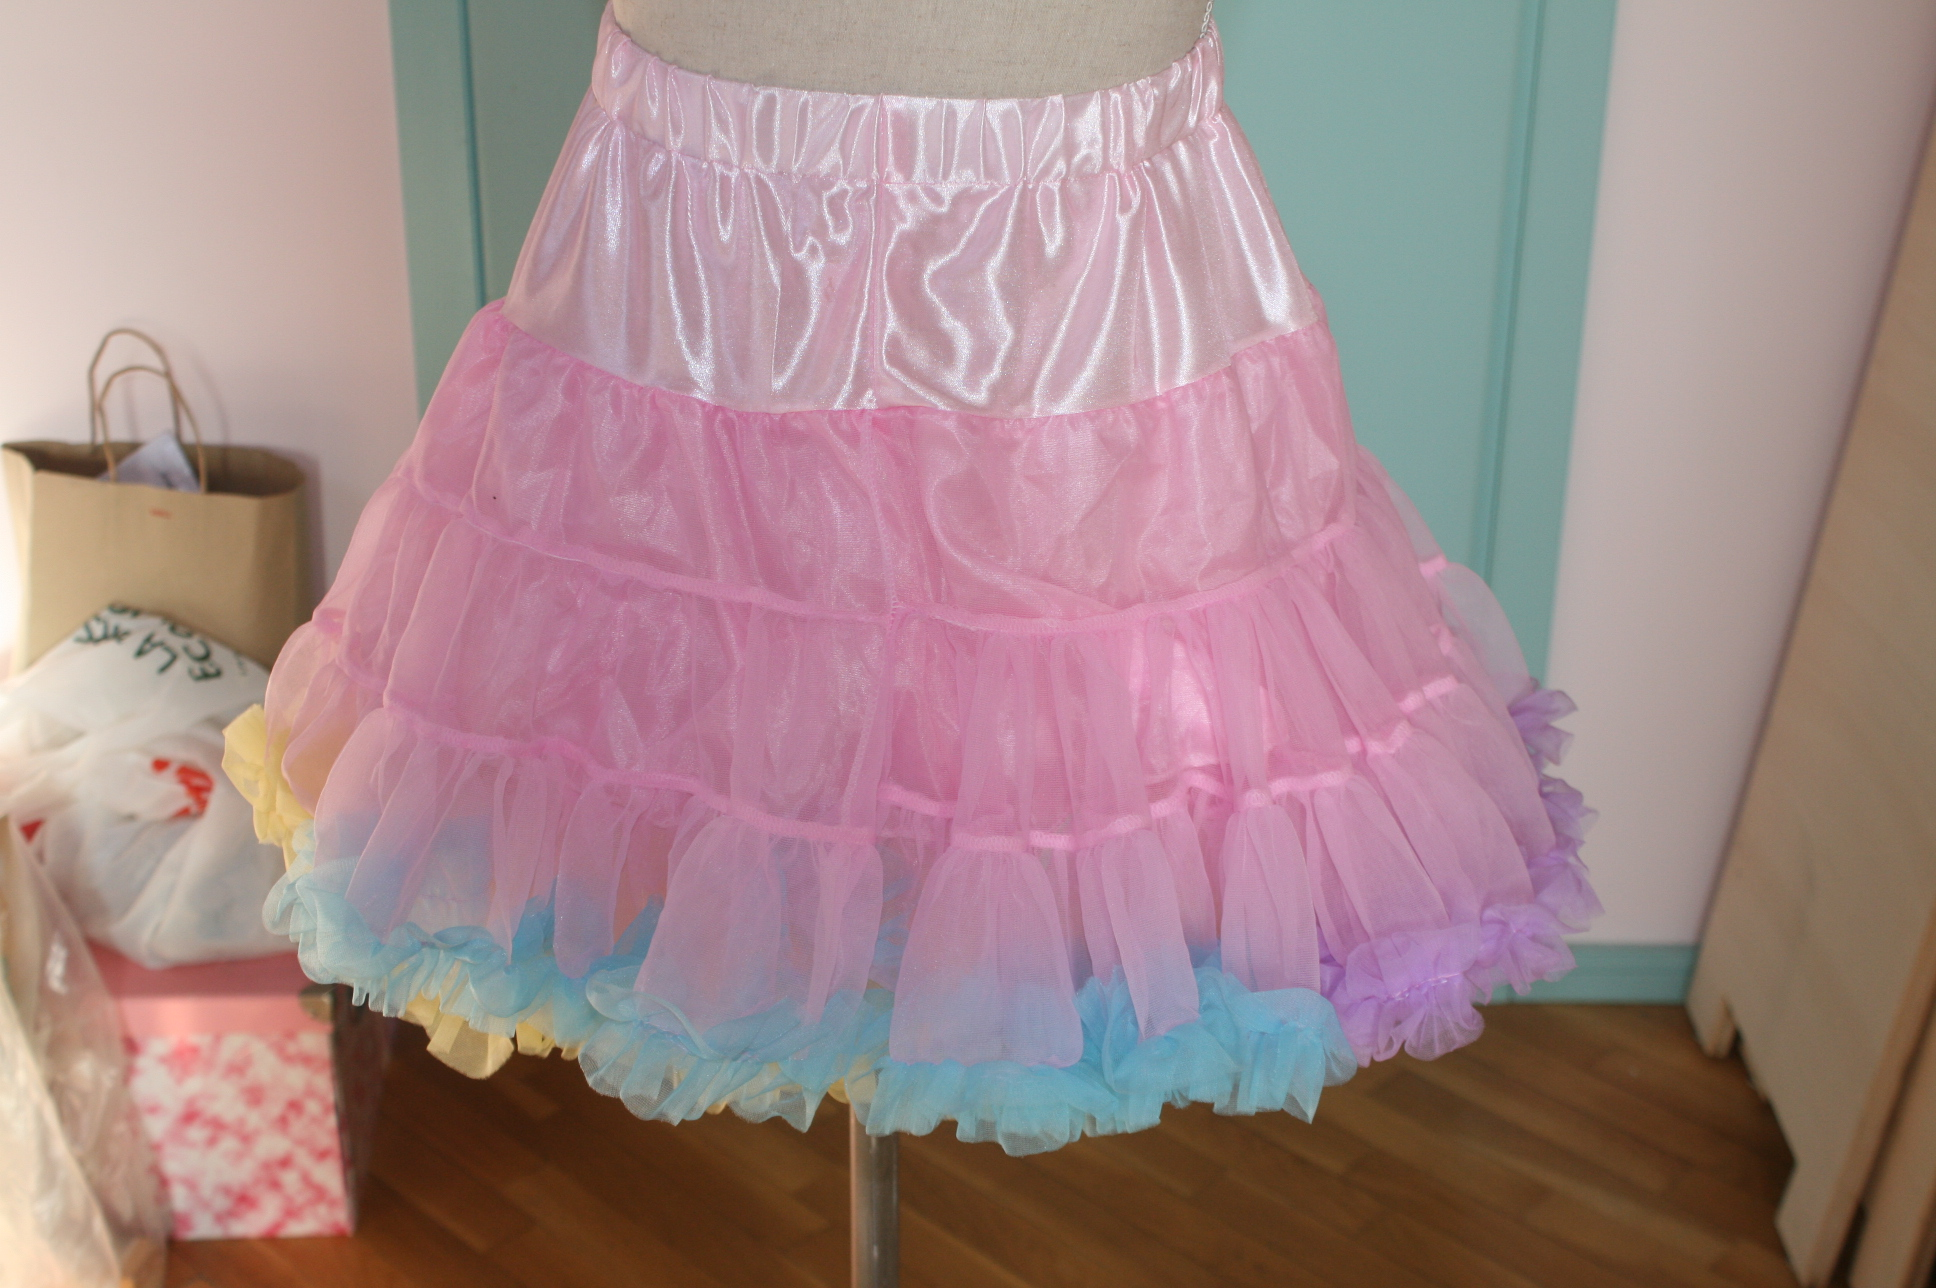 IMG 7356 original - Original Wedding Dresses